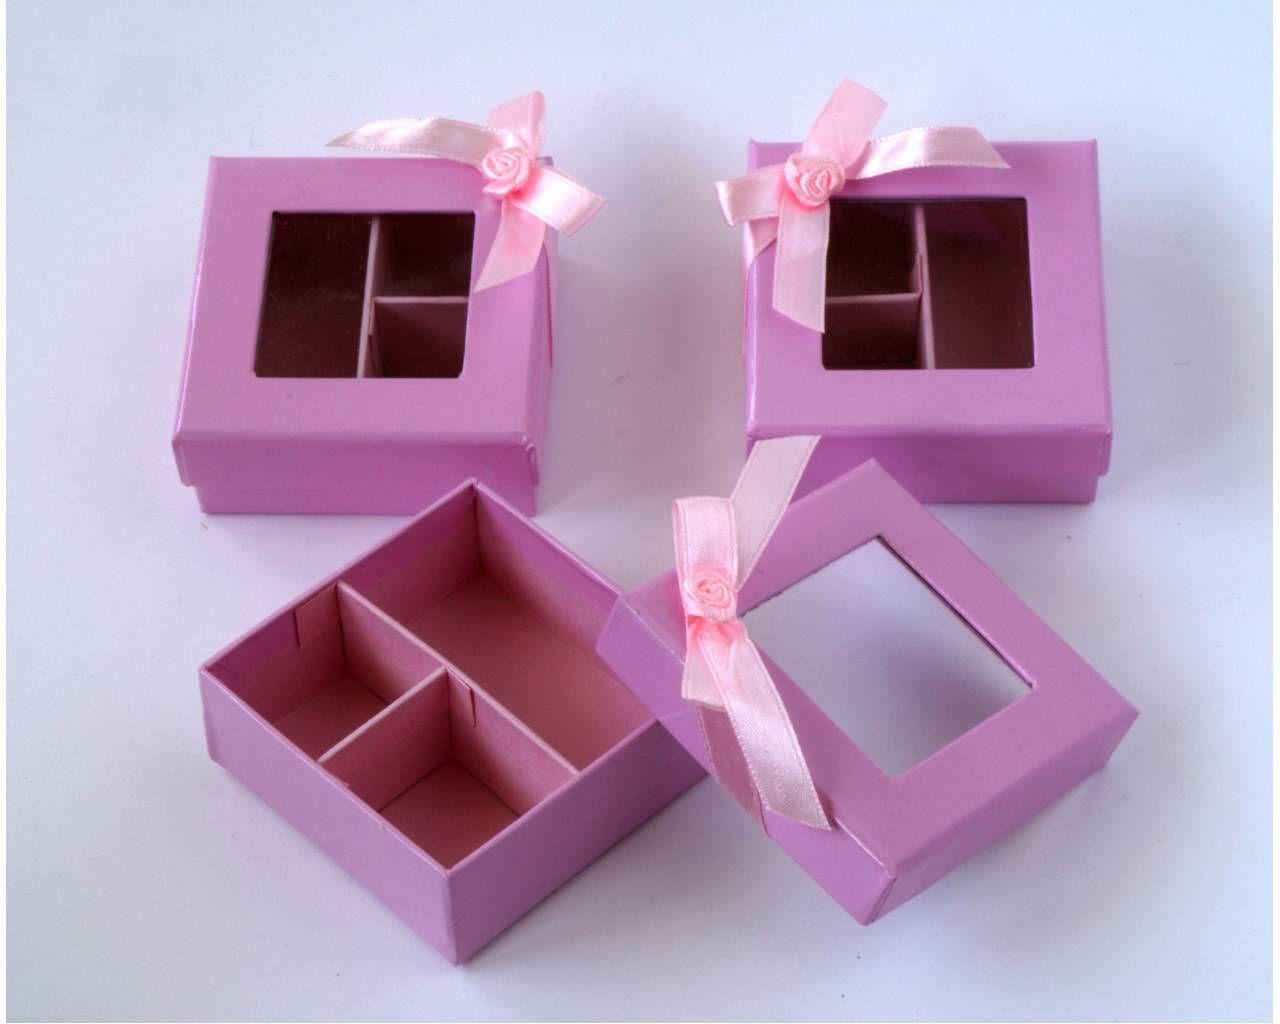 Cajas De Carton Decoradas Buscar Con Google Manualidades Caja De Carton Cajas Decoradas De Carton